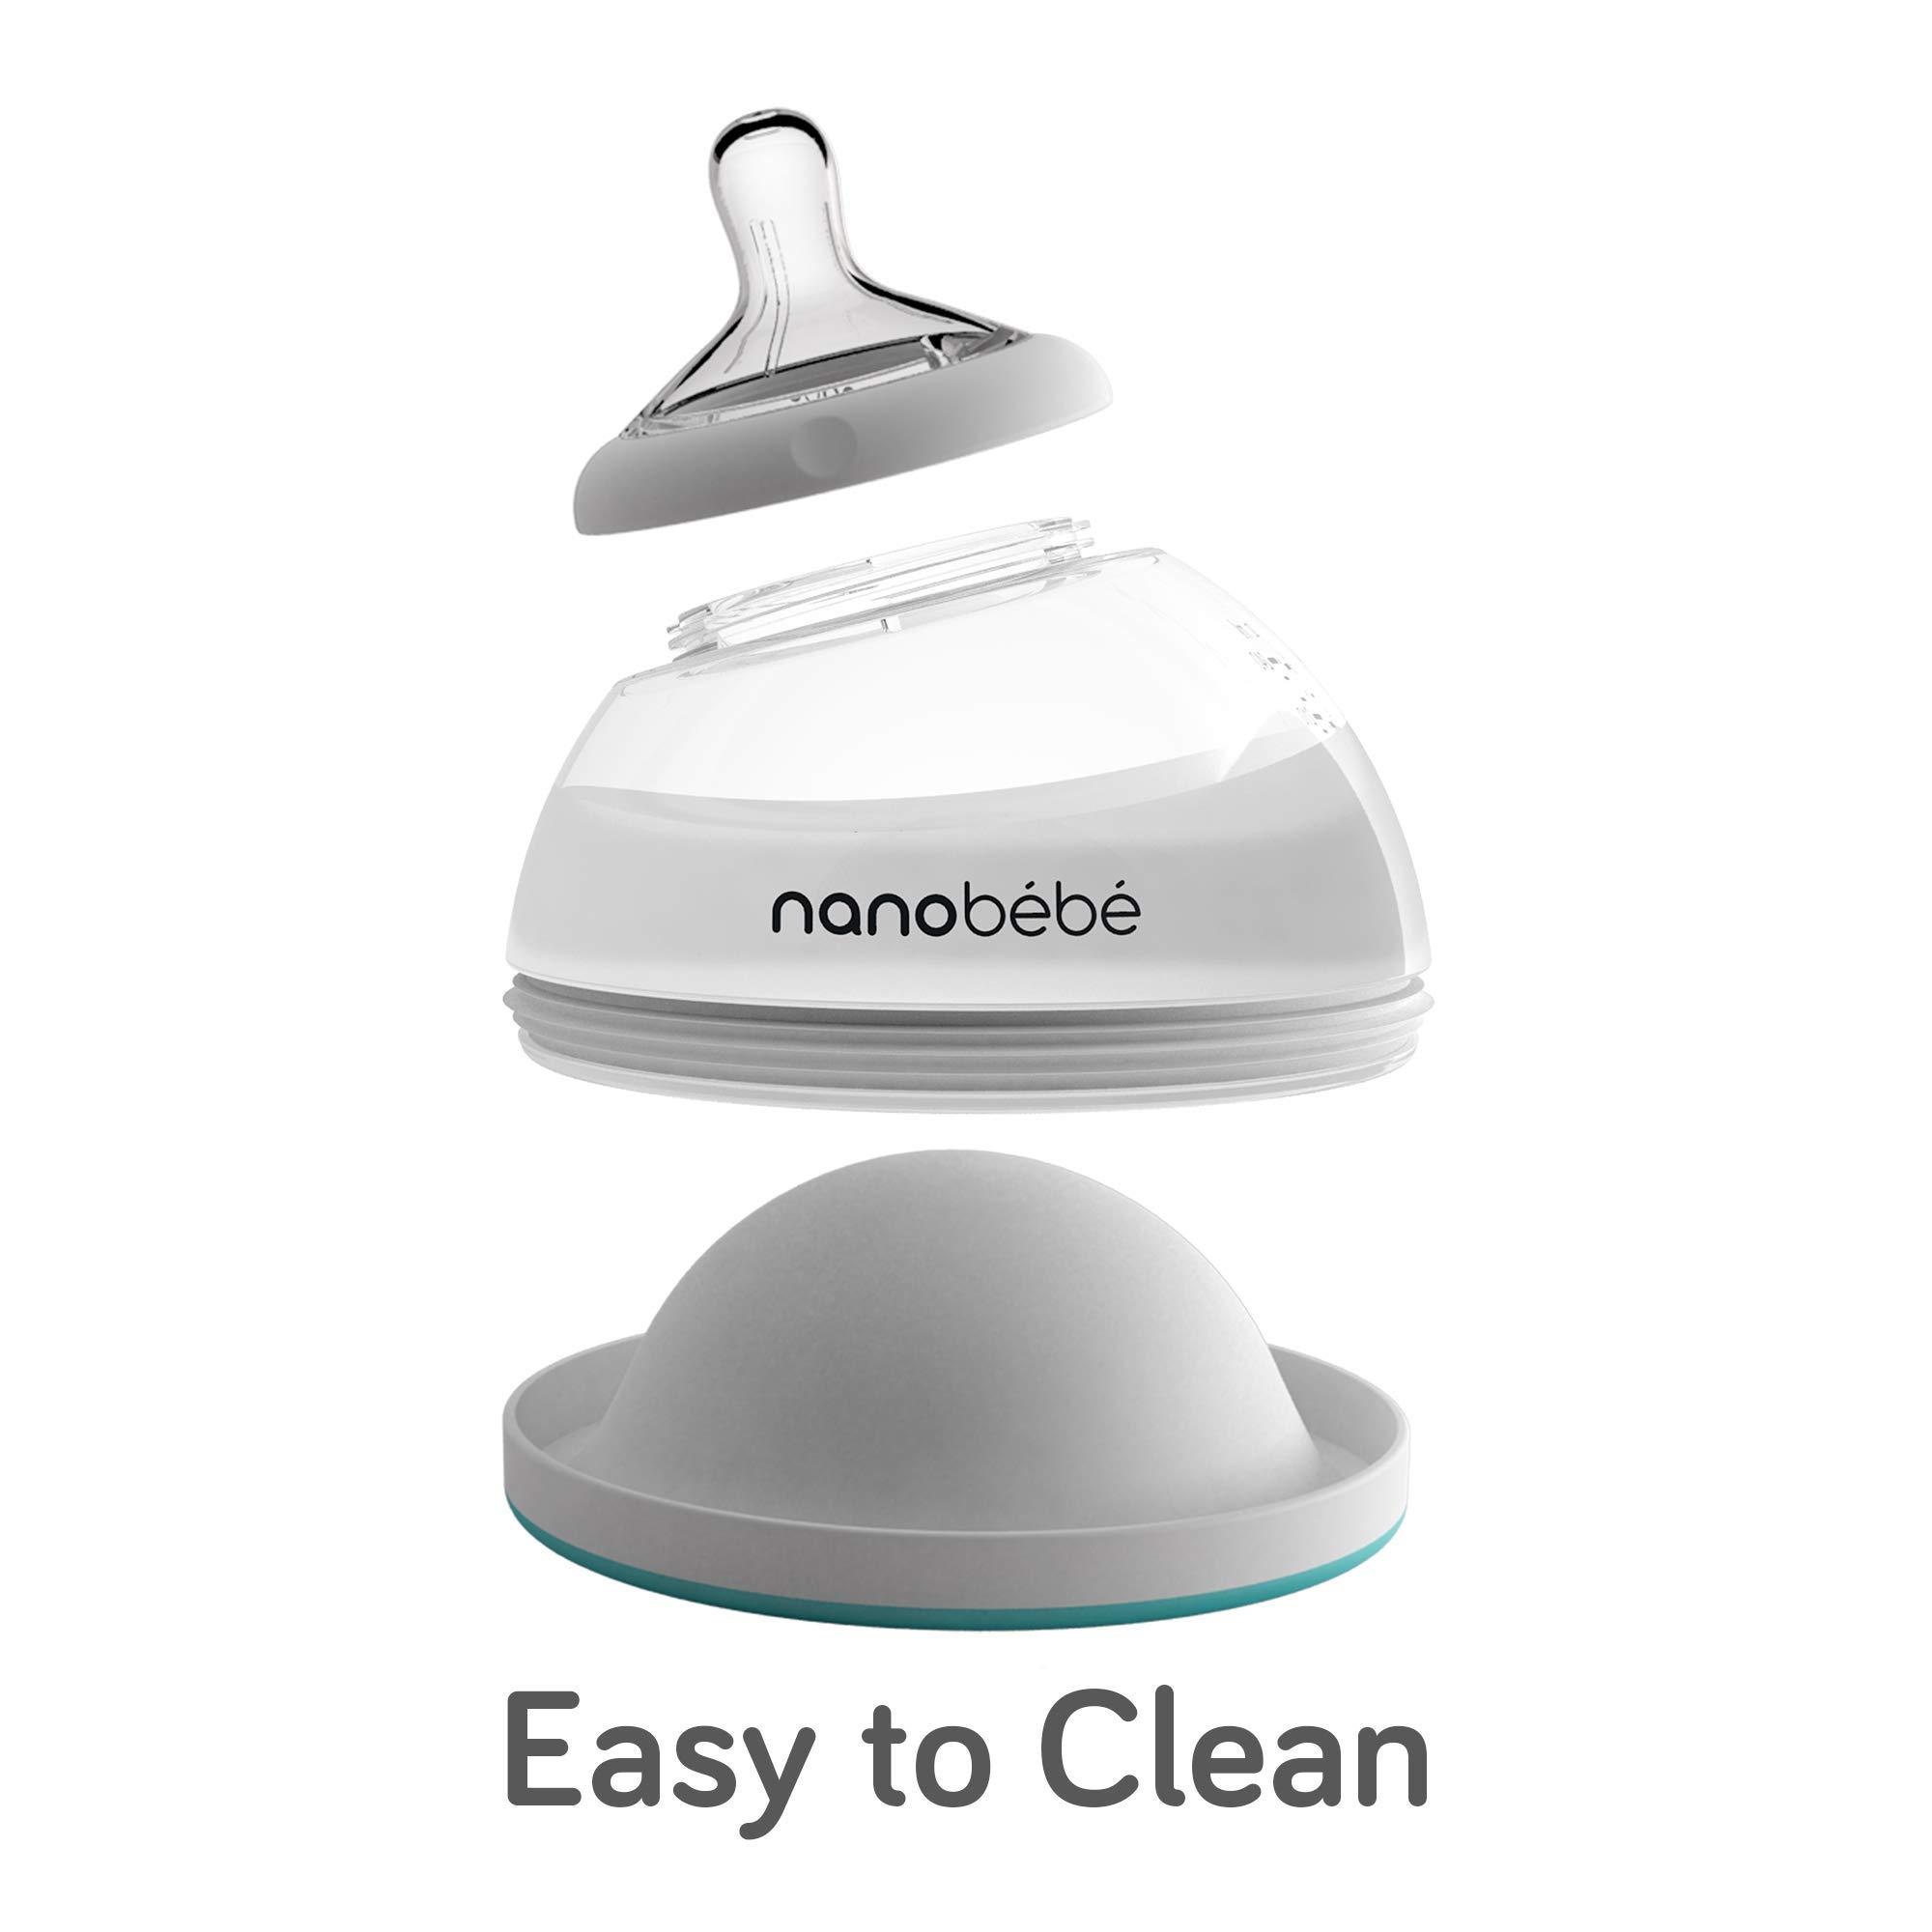 Nanobebe Breastmilk Feeding Bottle Teal Pack of 3 Transition Bottles 8oz//240ml Newborn Baby Bottle